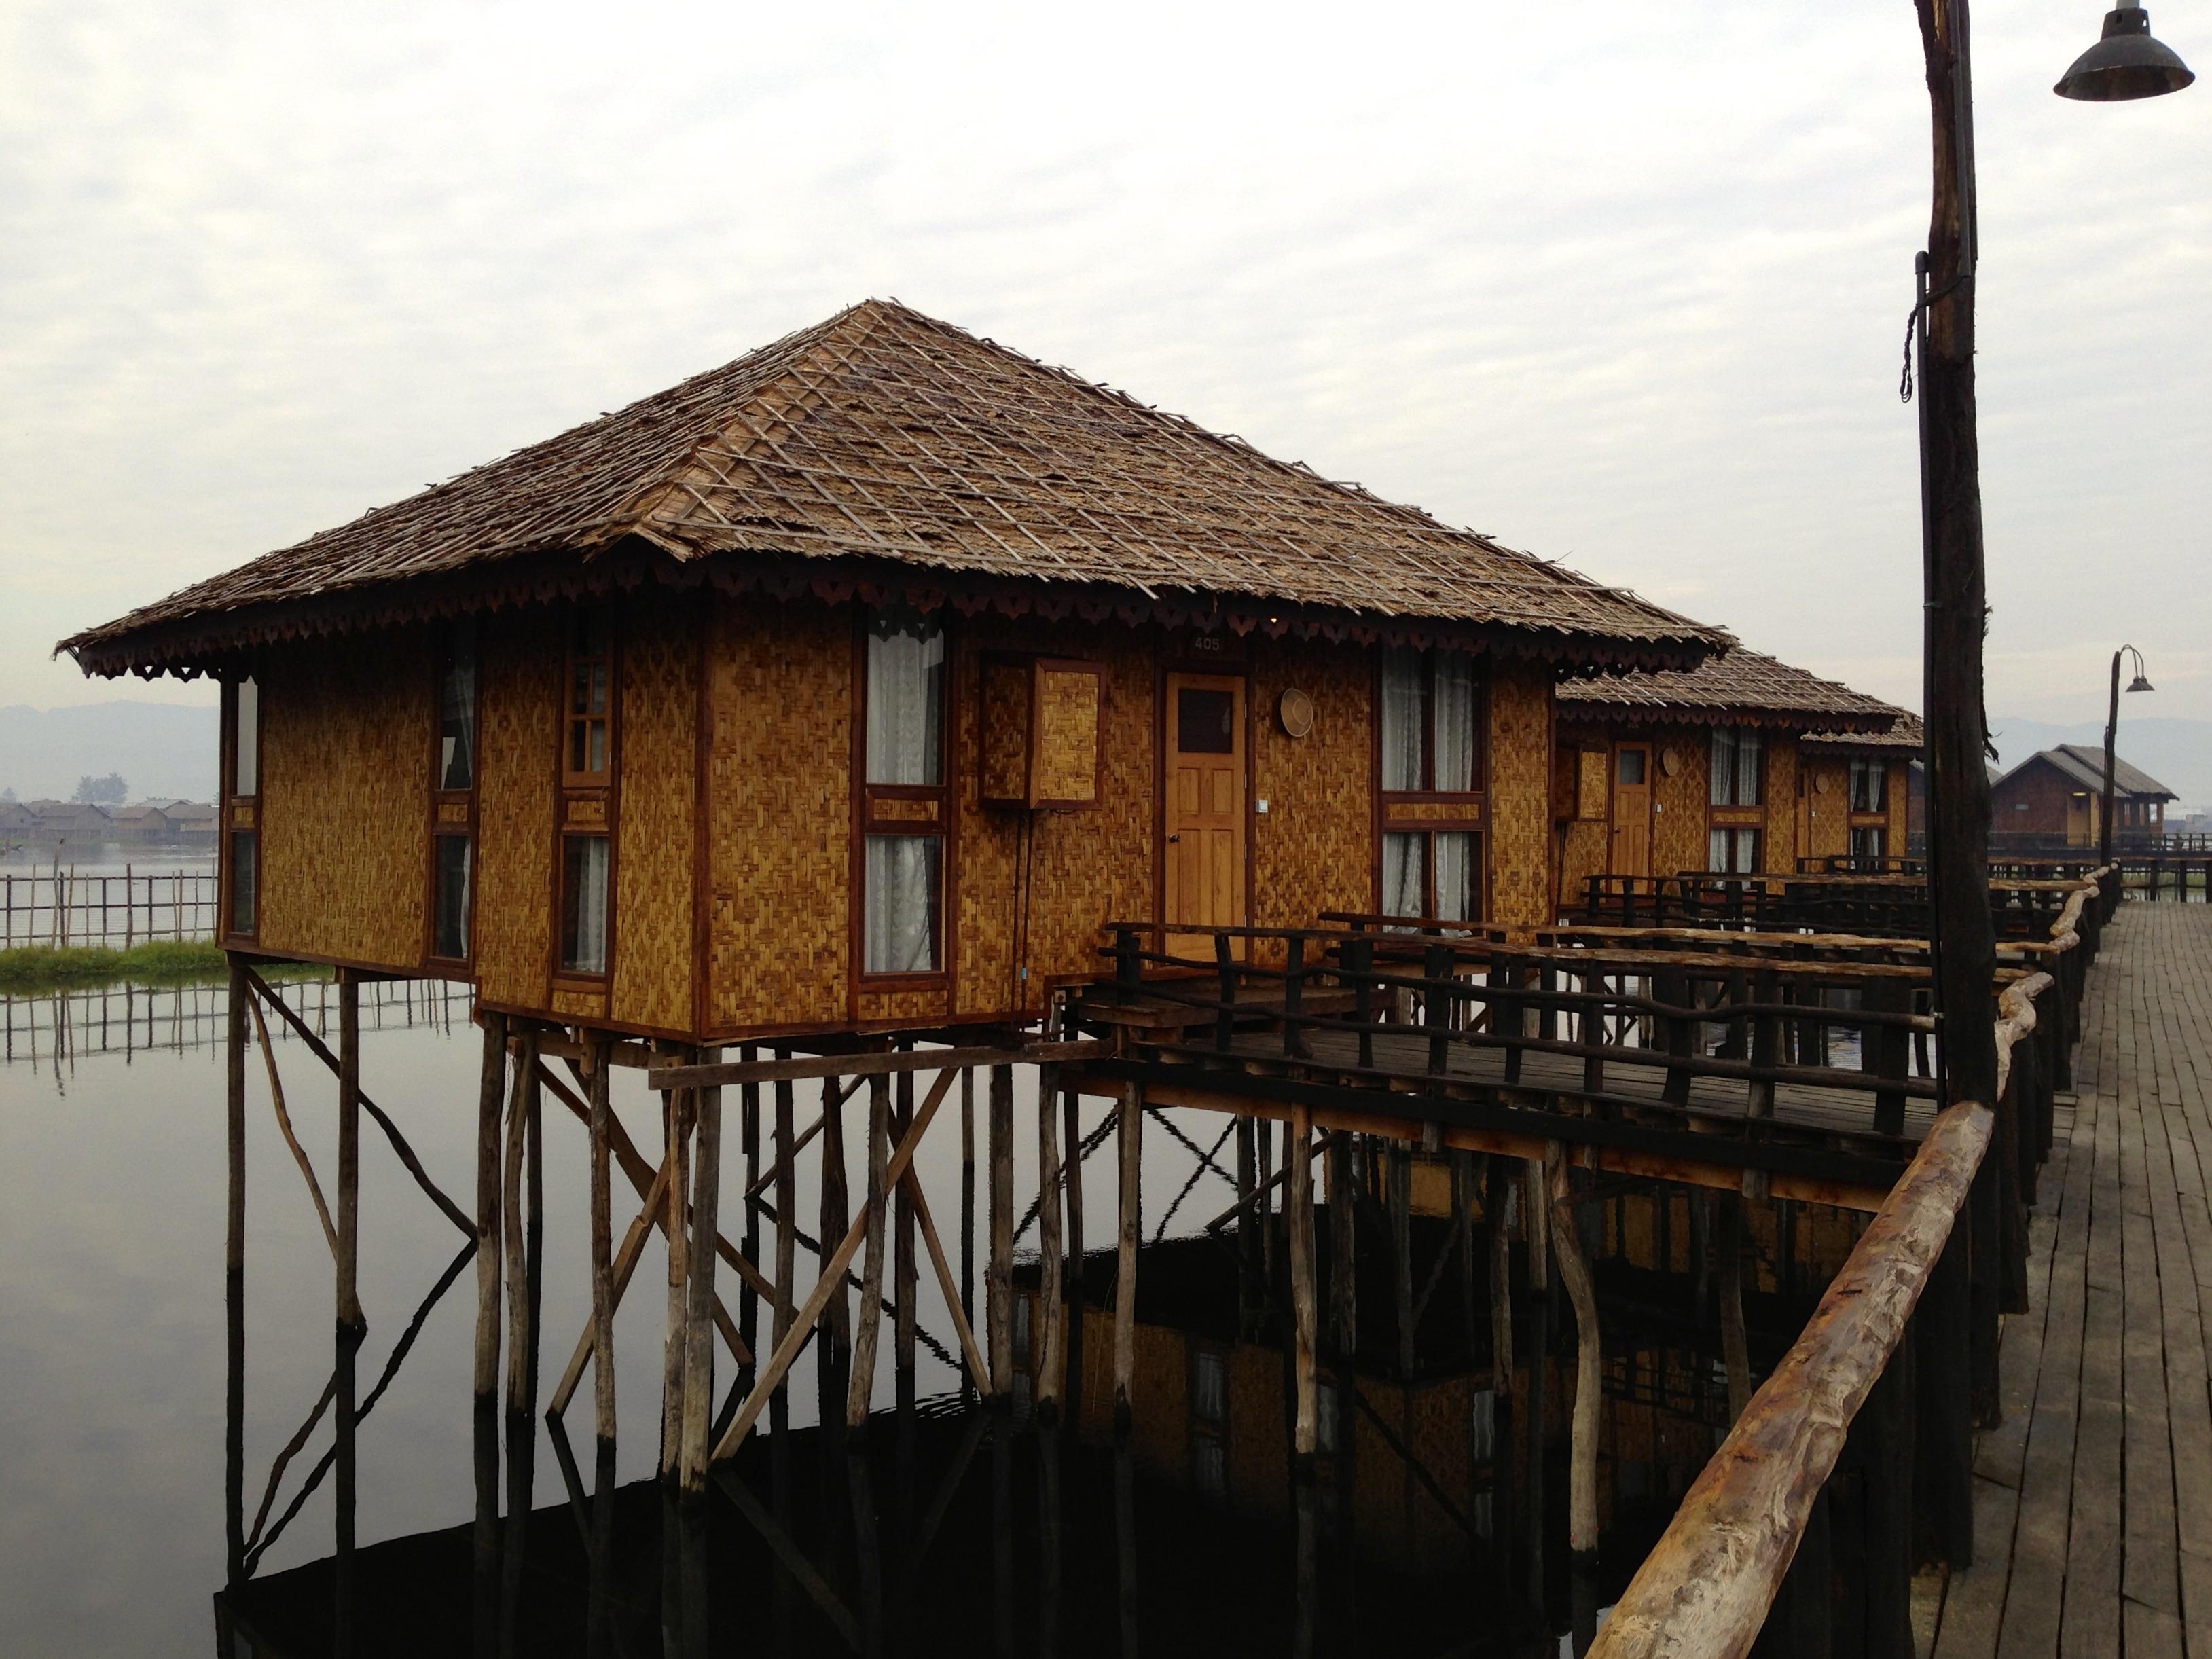 Gratis billeder : udendørs, træ, hus, hjem, hytte, landsby, landdistrikterne, konstruktion ...